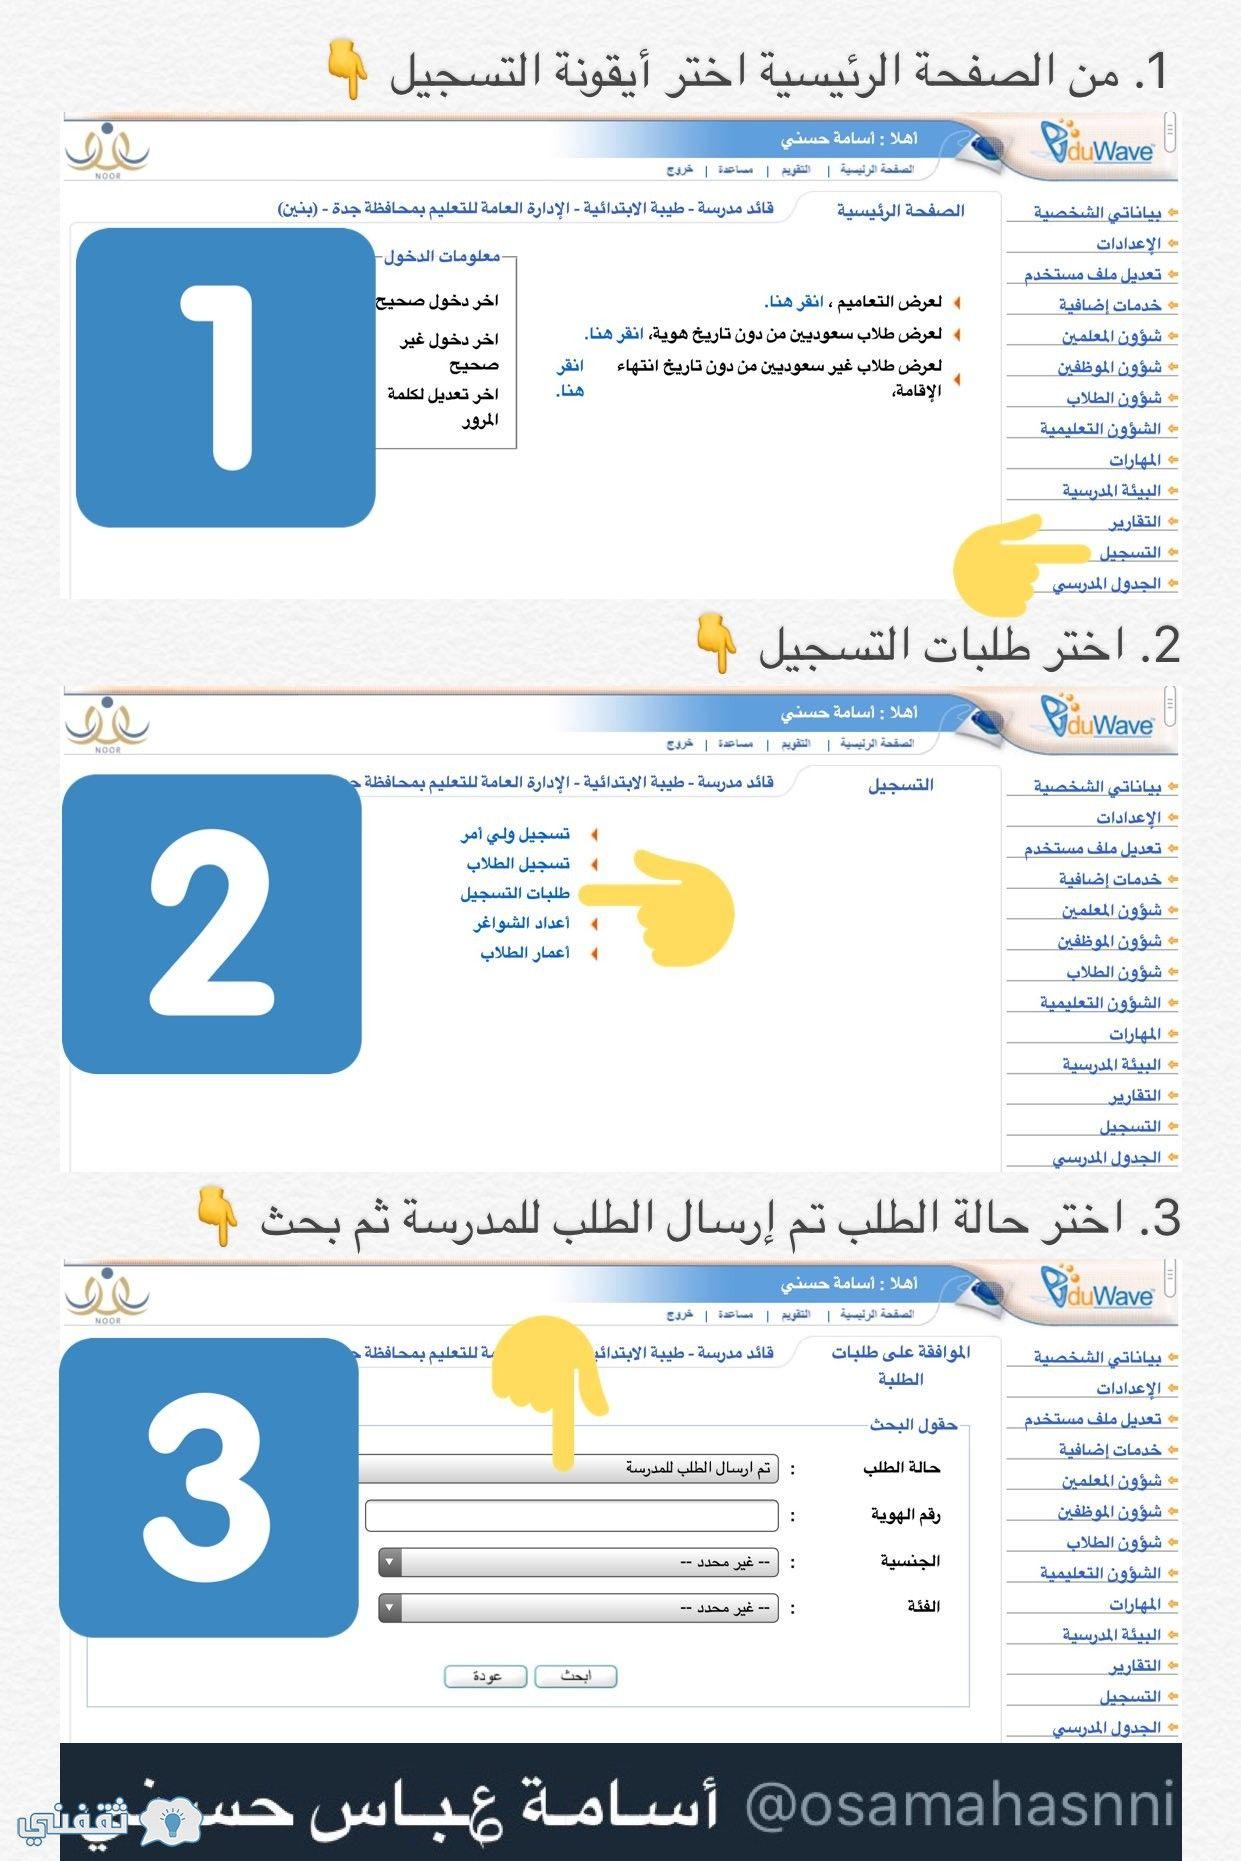 نظام نور أعلنت وزارة التعليم السعودية عن إتاحة موقع نظام نور الجدول الزمني لتسجيل الطلبة والطالبات المستجدين بالصف الأول الابتدائي ع Map Waves Map Screenshot